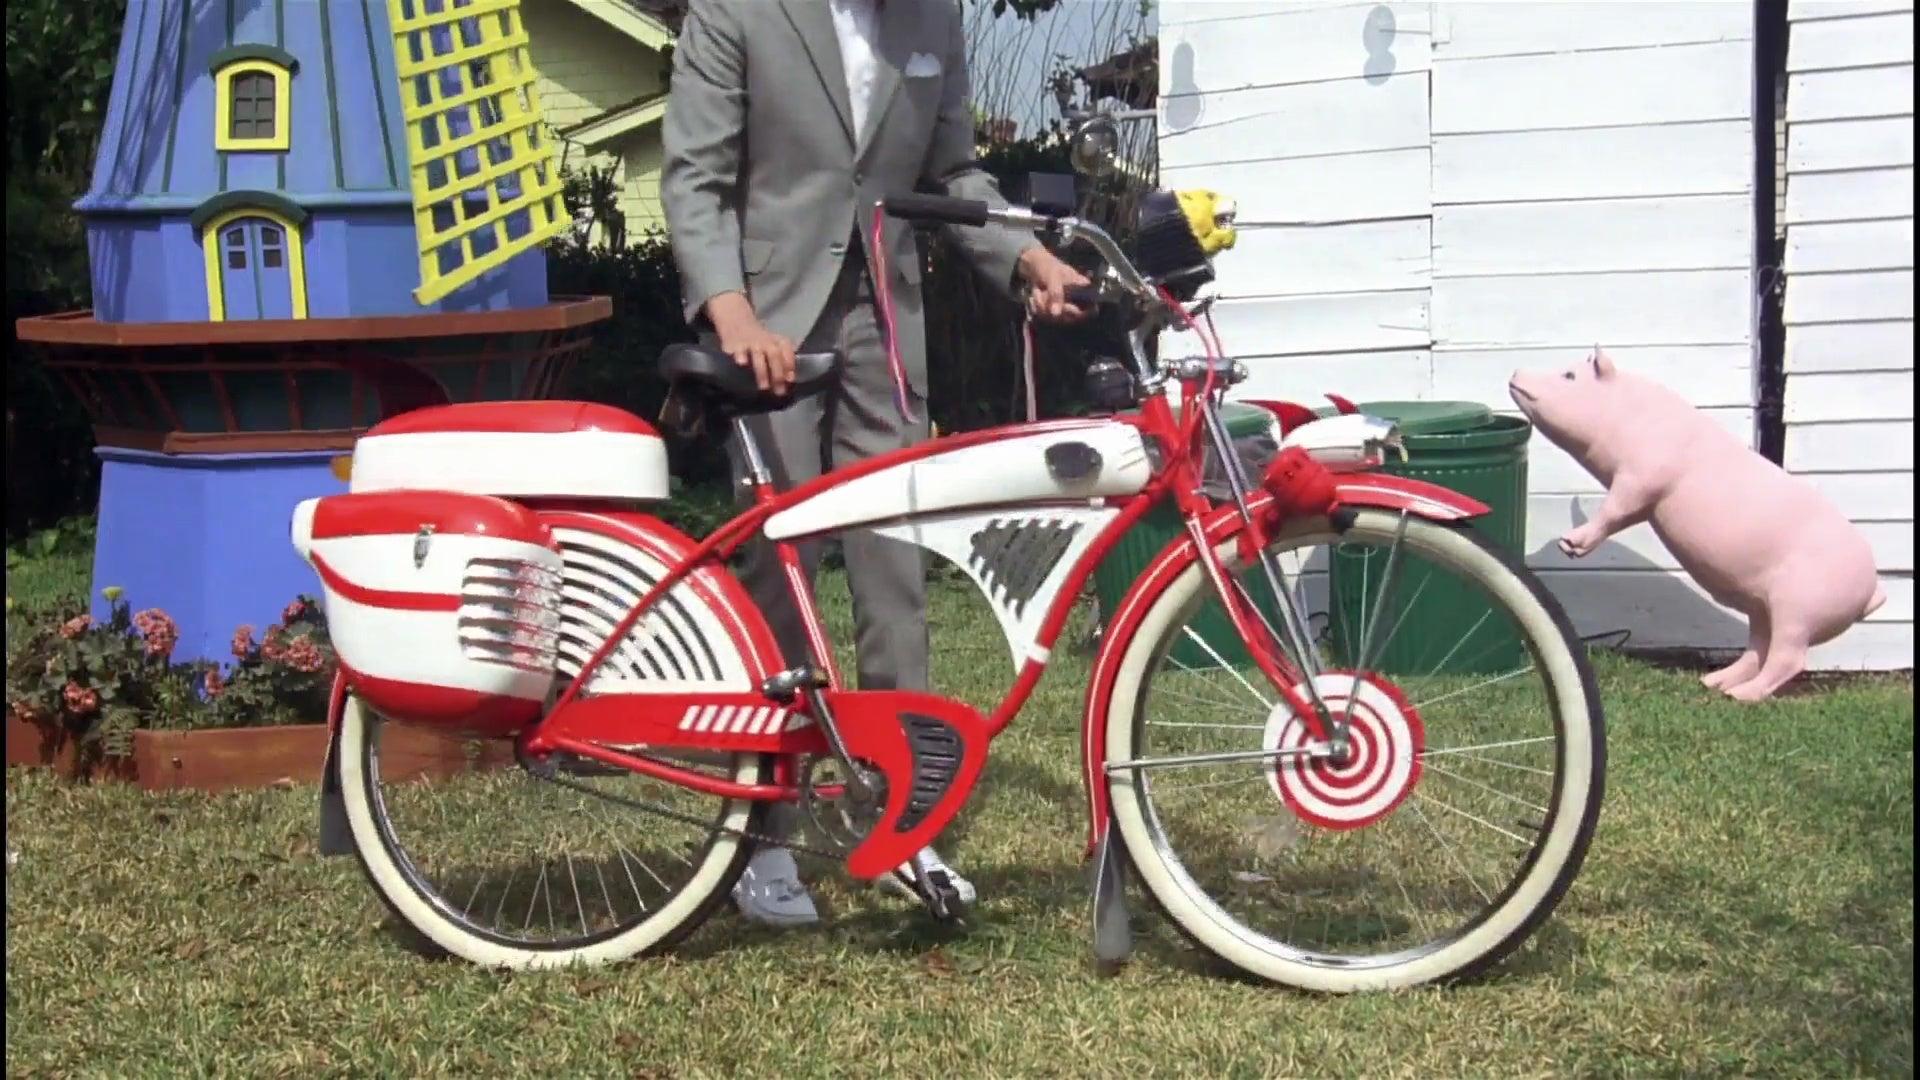 Pee-Wee Herman's bike.